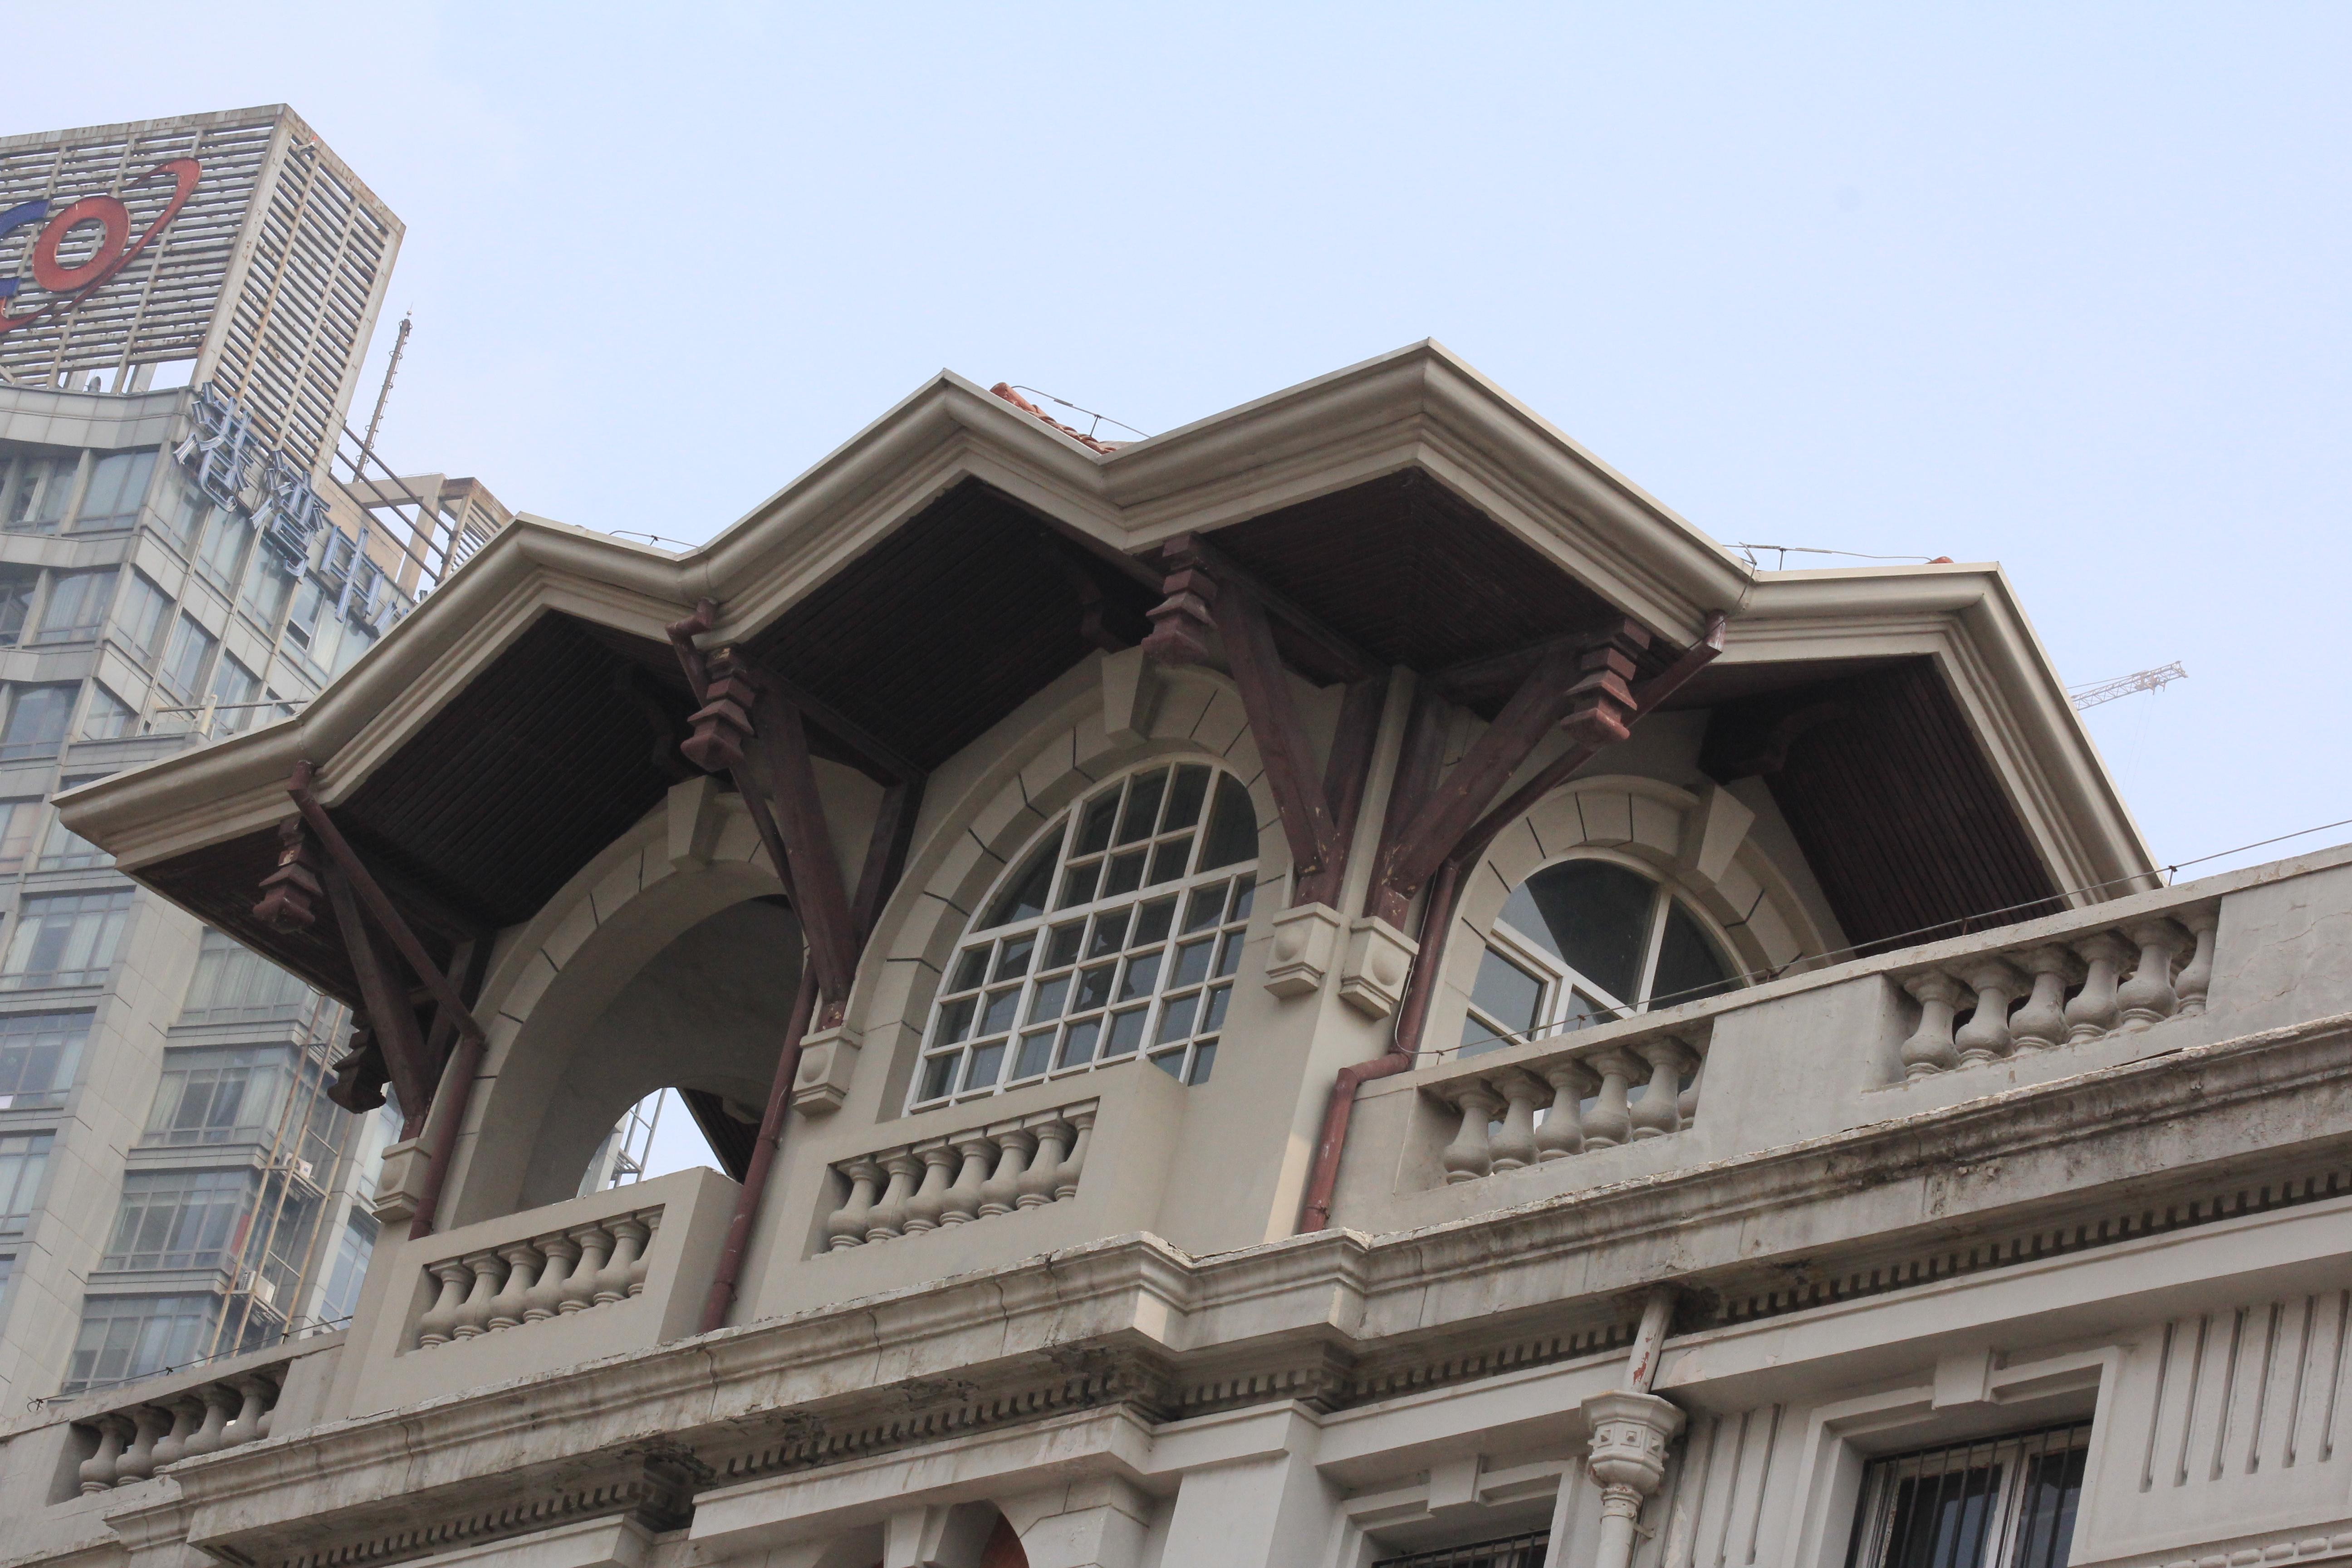 意大利别墅屋顶图片